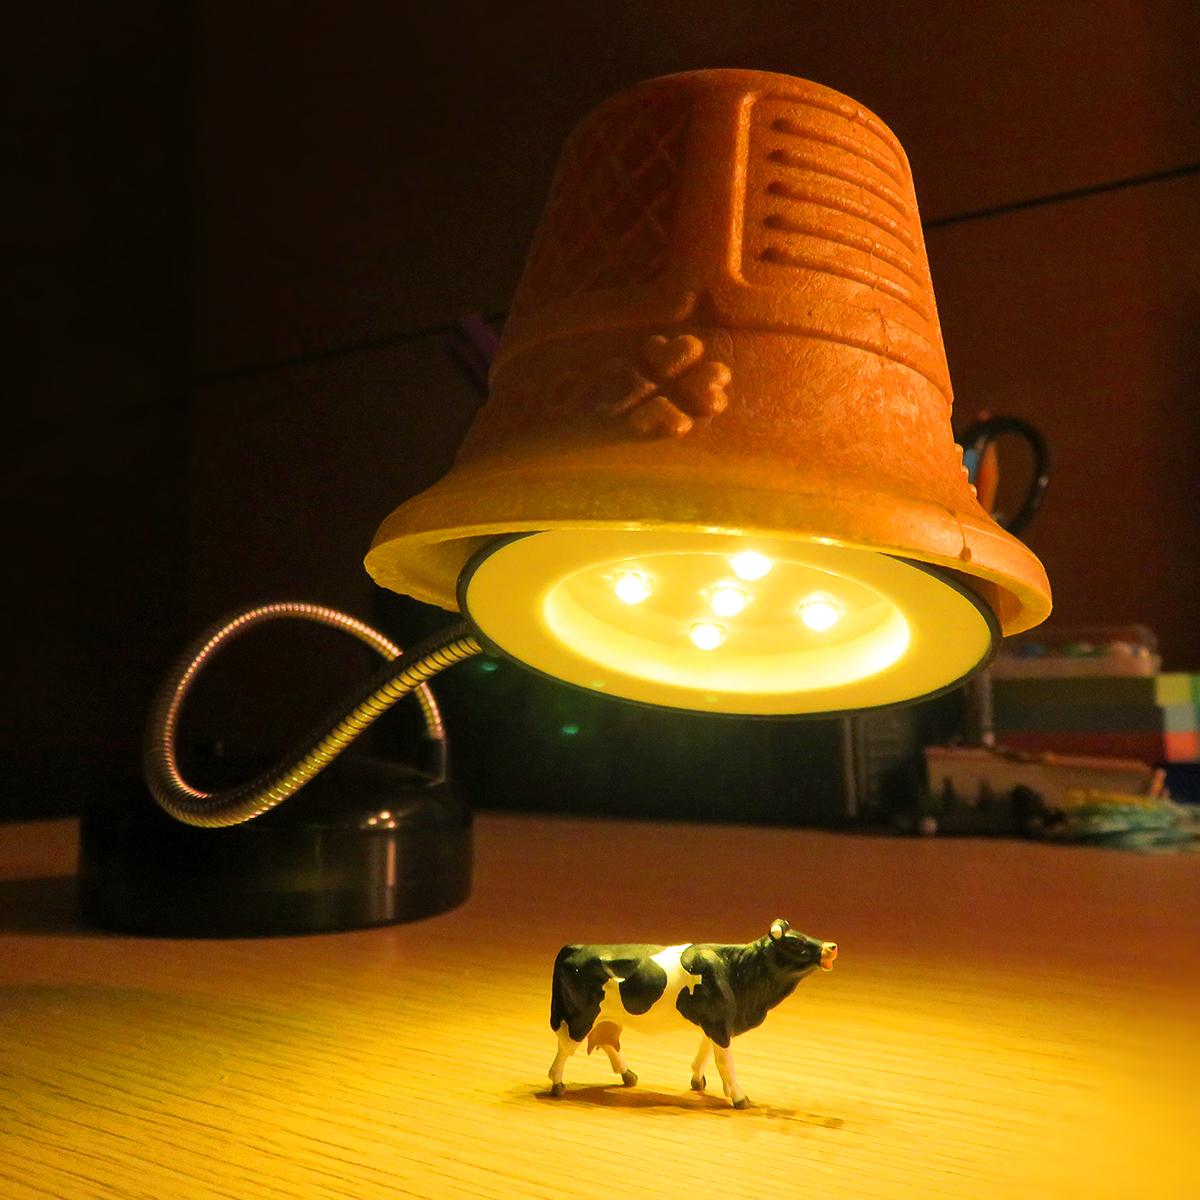 6月24日はUFOの日!アダムスキー型のアイスクリームコーンカップUFOに連れ去られる牛